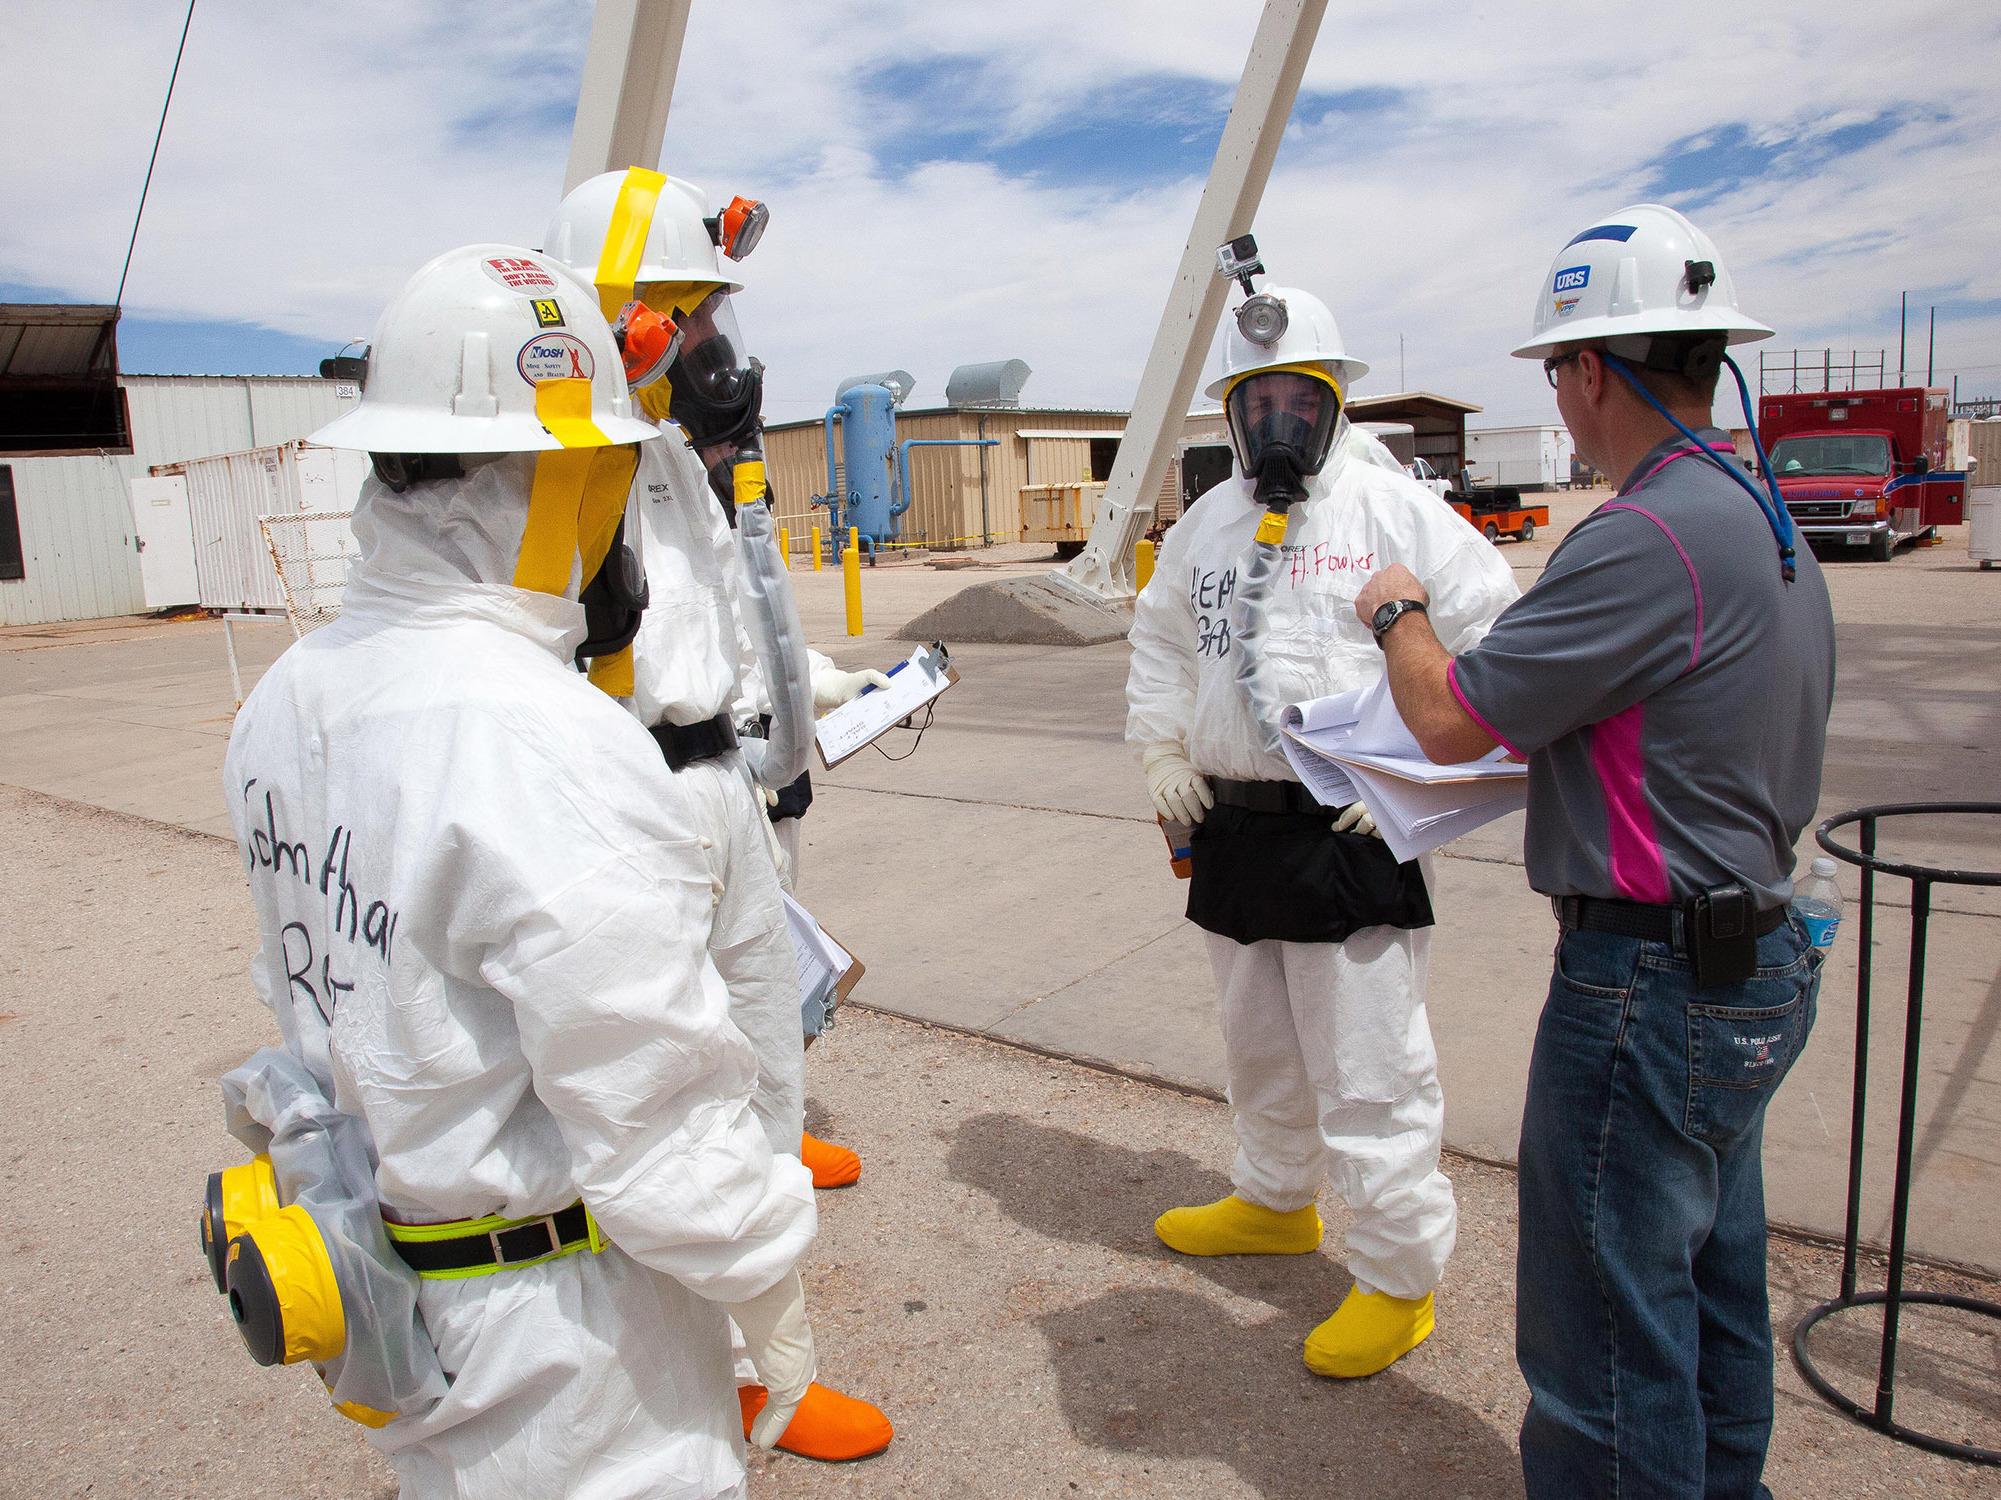 une catastrophe nucléaire en cours à 655 mètres sous terre au centre de stockage de déchets radioactifs du Nouveau Mexique ? - .